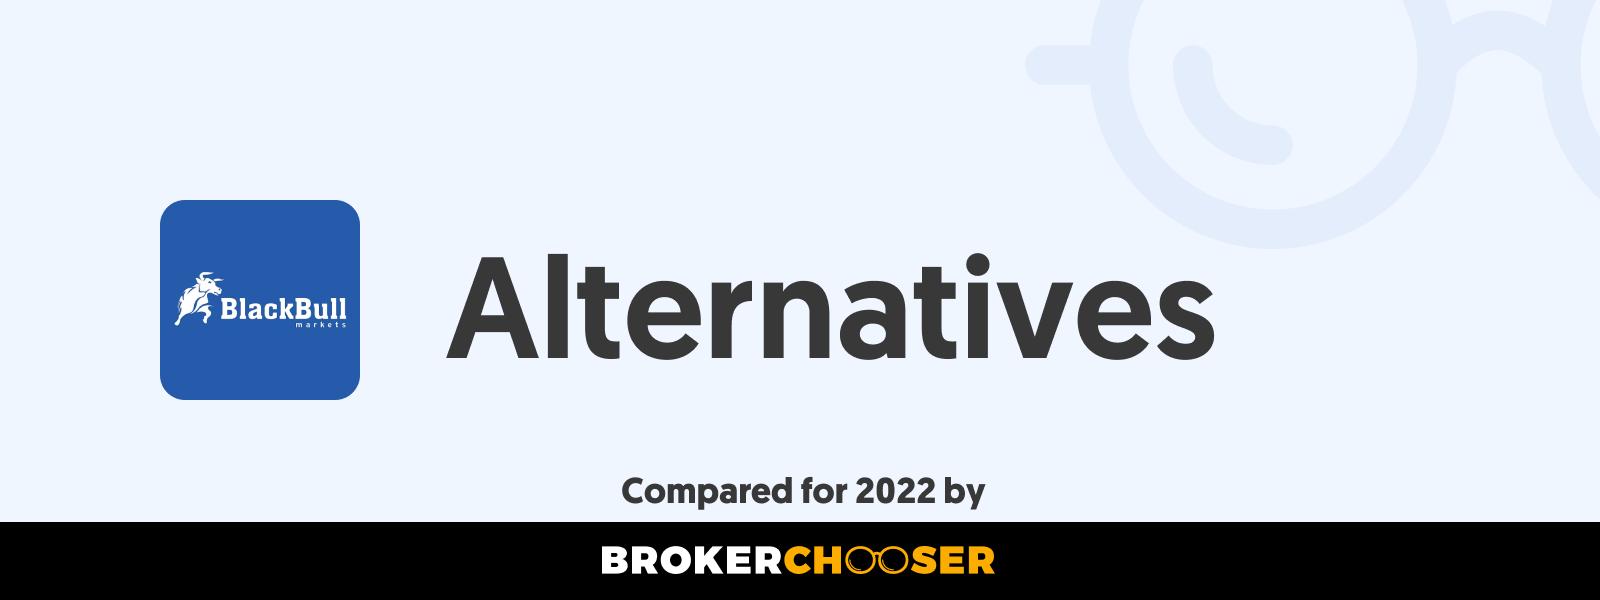 BlackBull Markets Alternatives